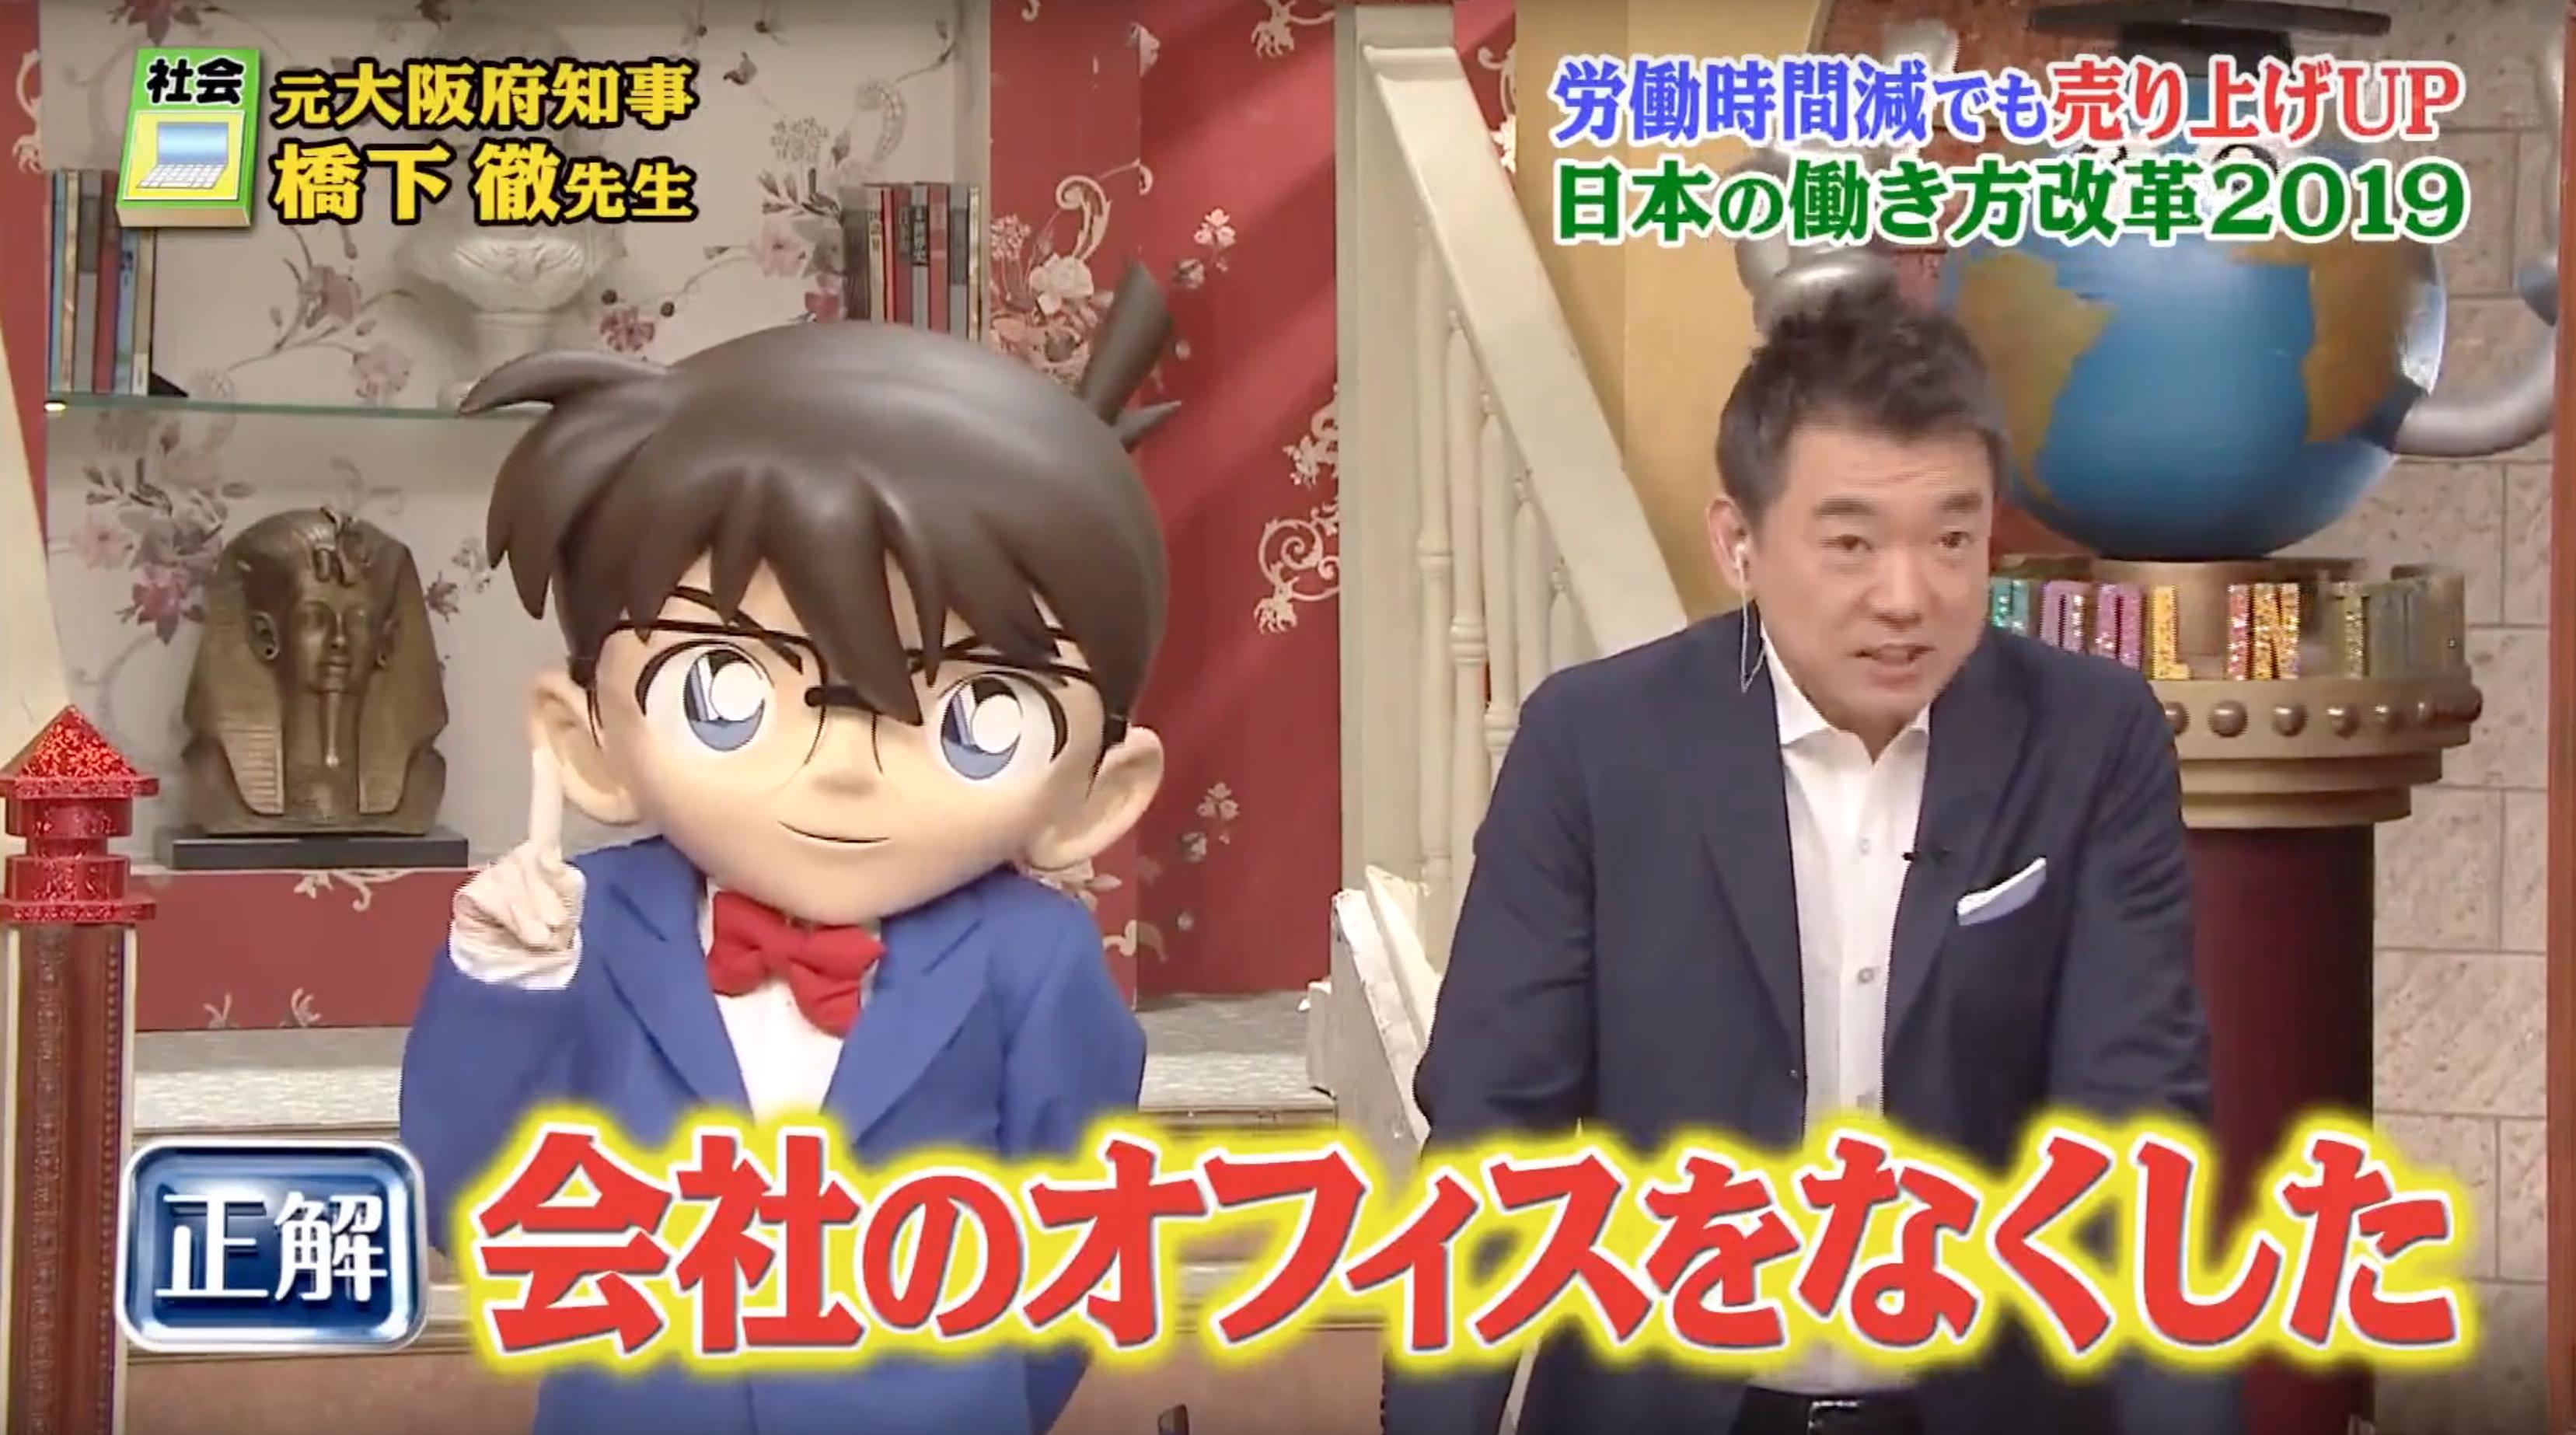 日本テレビ「世界一受けたい授業」のTV取材・放送されました。